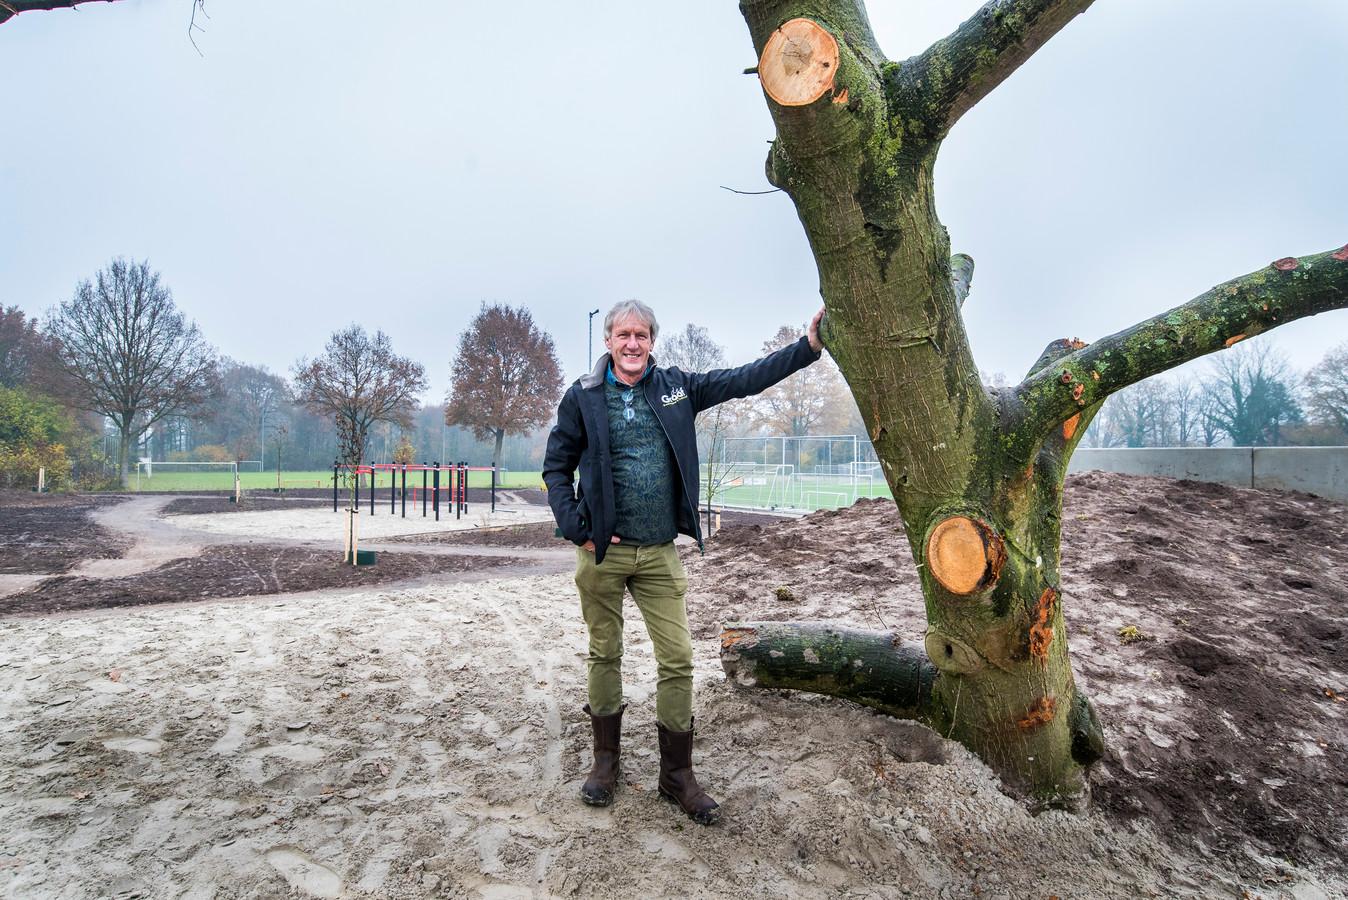 Sas Haan ontwerper is de ontwerper van ontmoetingspark De Koppel in Diepenheim